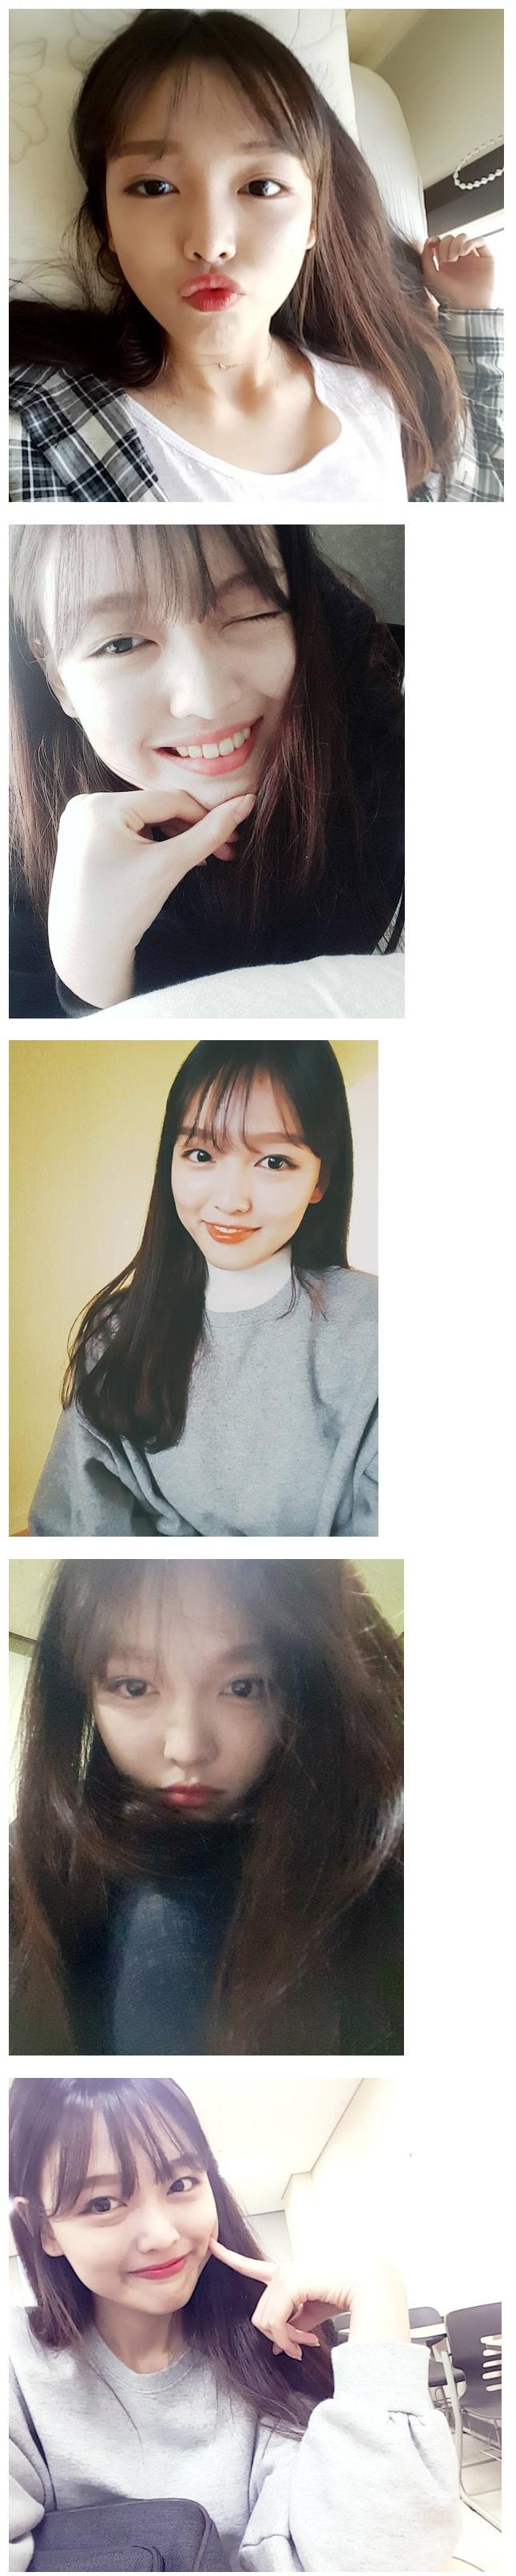 김유정 친언니 셀카 사진.jpg